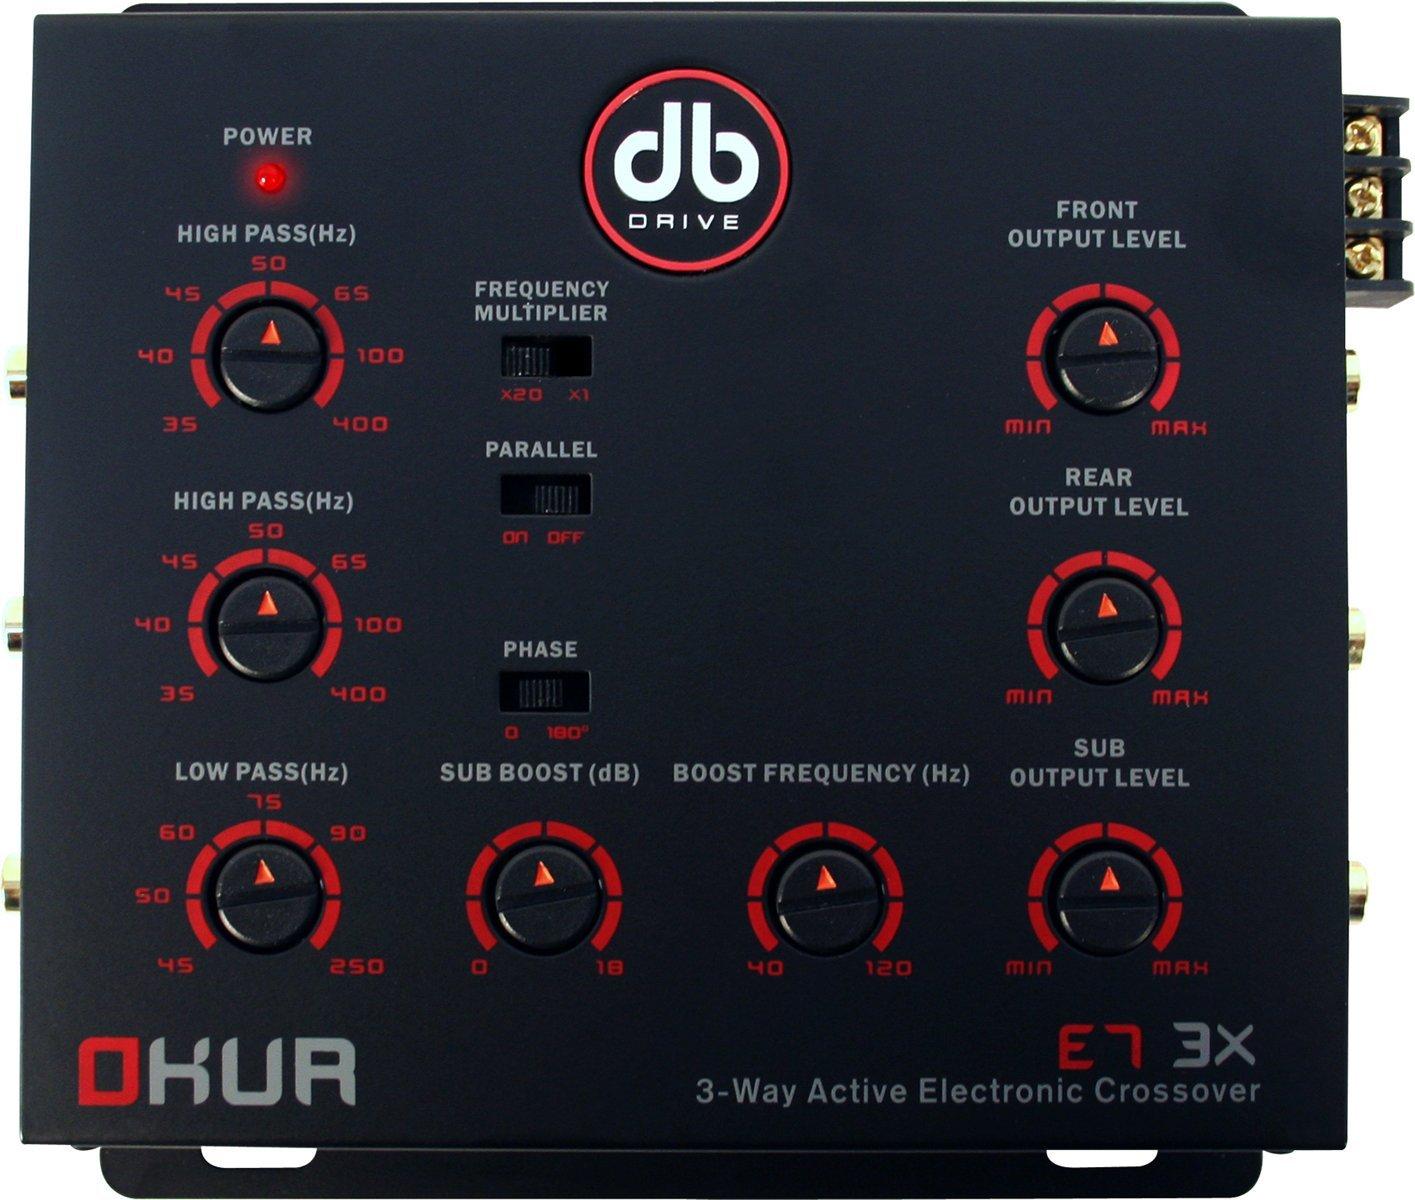 DB Drive E7 3X Crossover